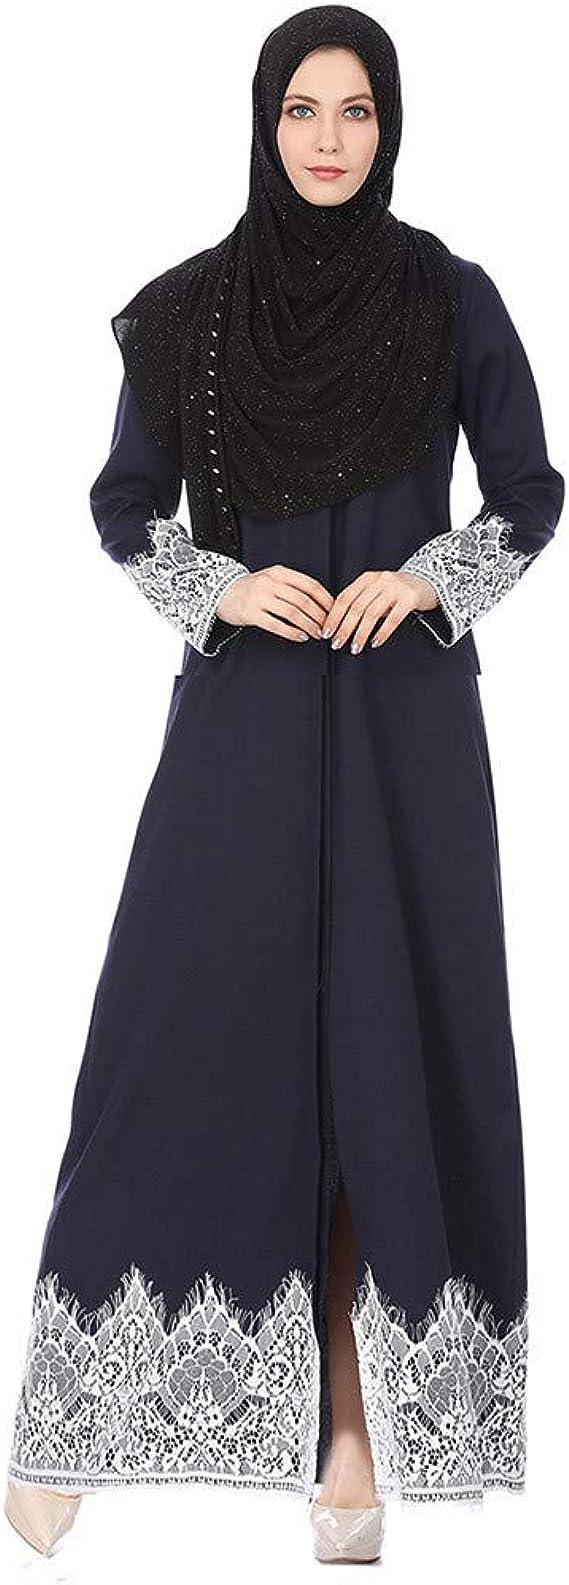 Zegeey Damen Muslimische MaxiKleid Langarm Spitze Abendkleider Elegant  Kleider Modest Muslim Frauen Hochzeit Kleid Kleidung Islamischen  Saudi-Arabien